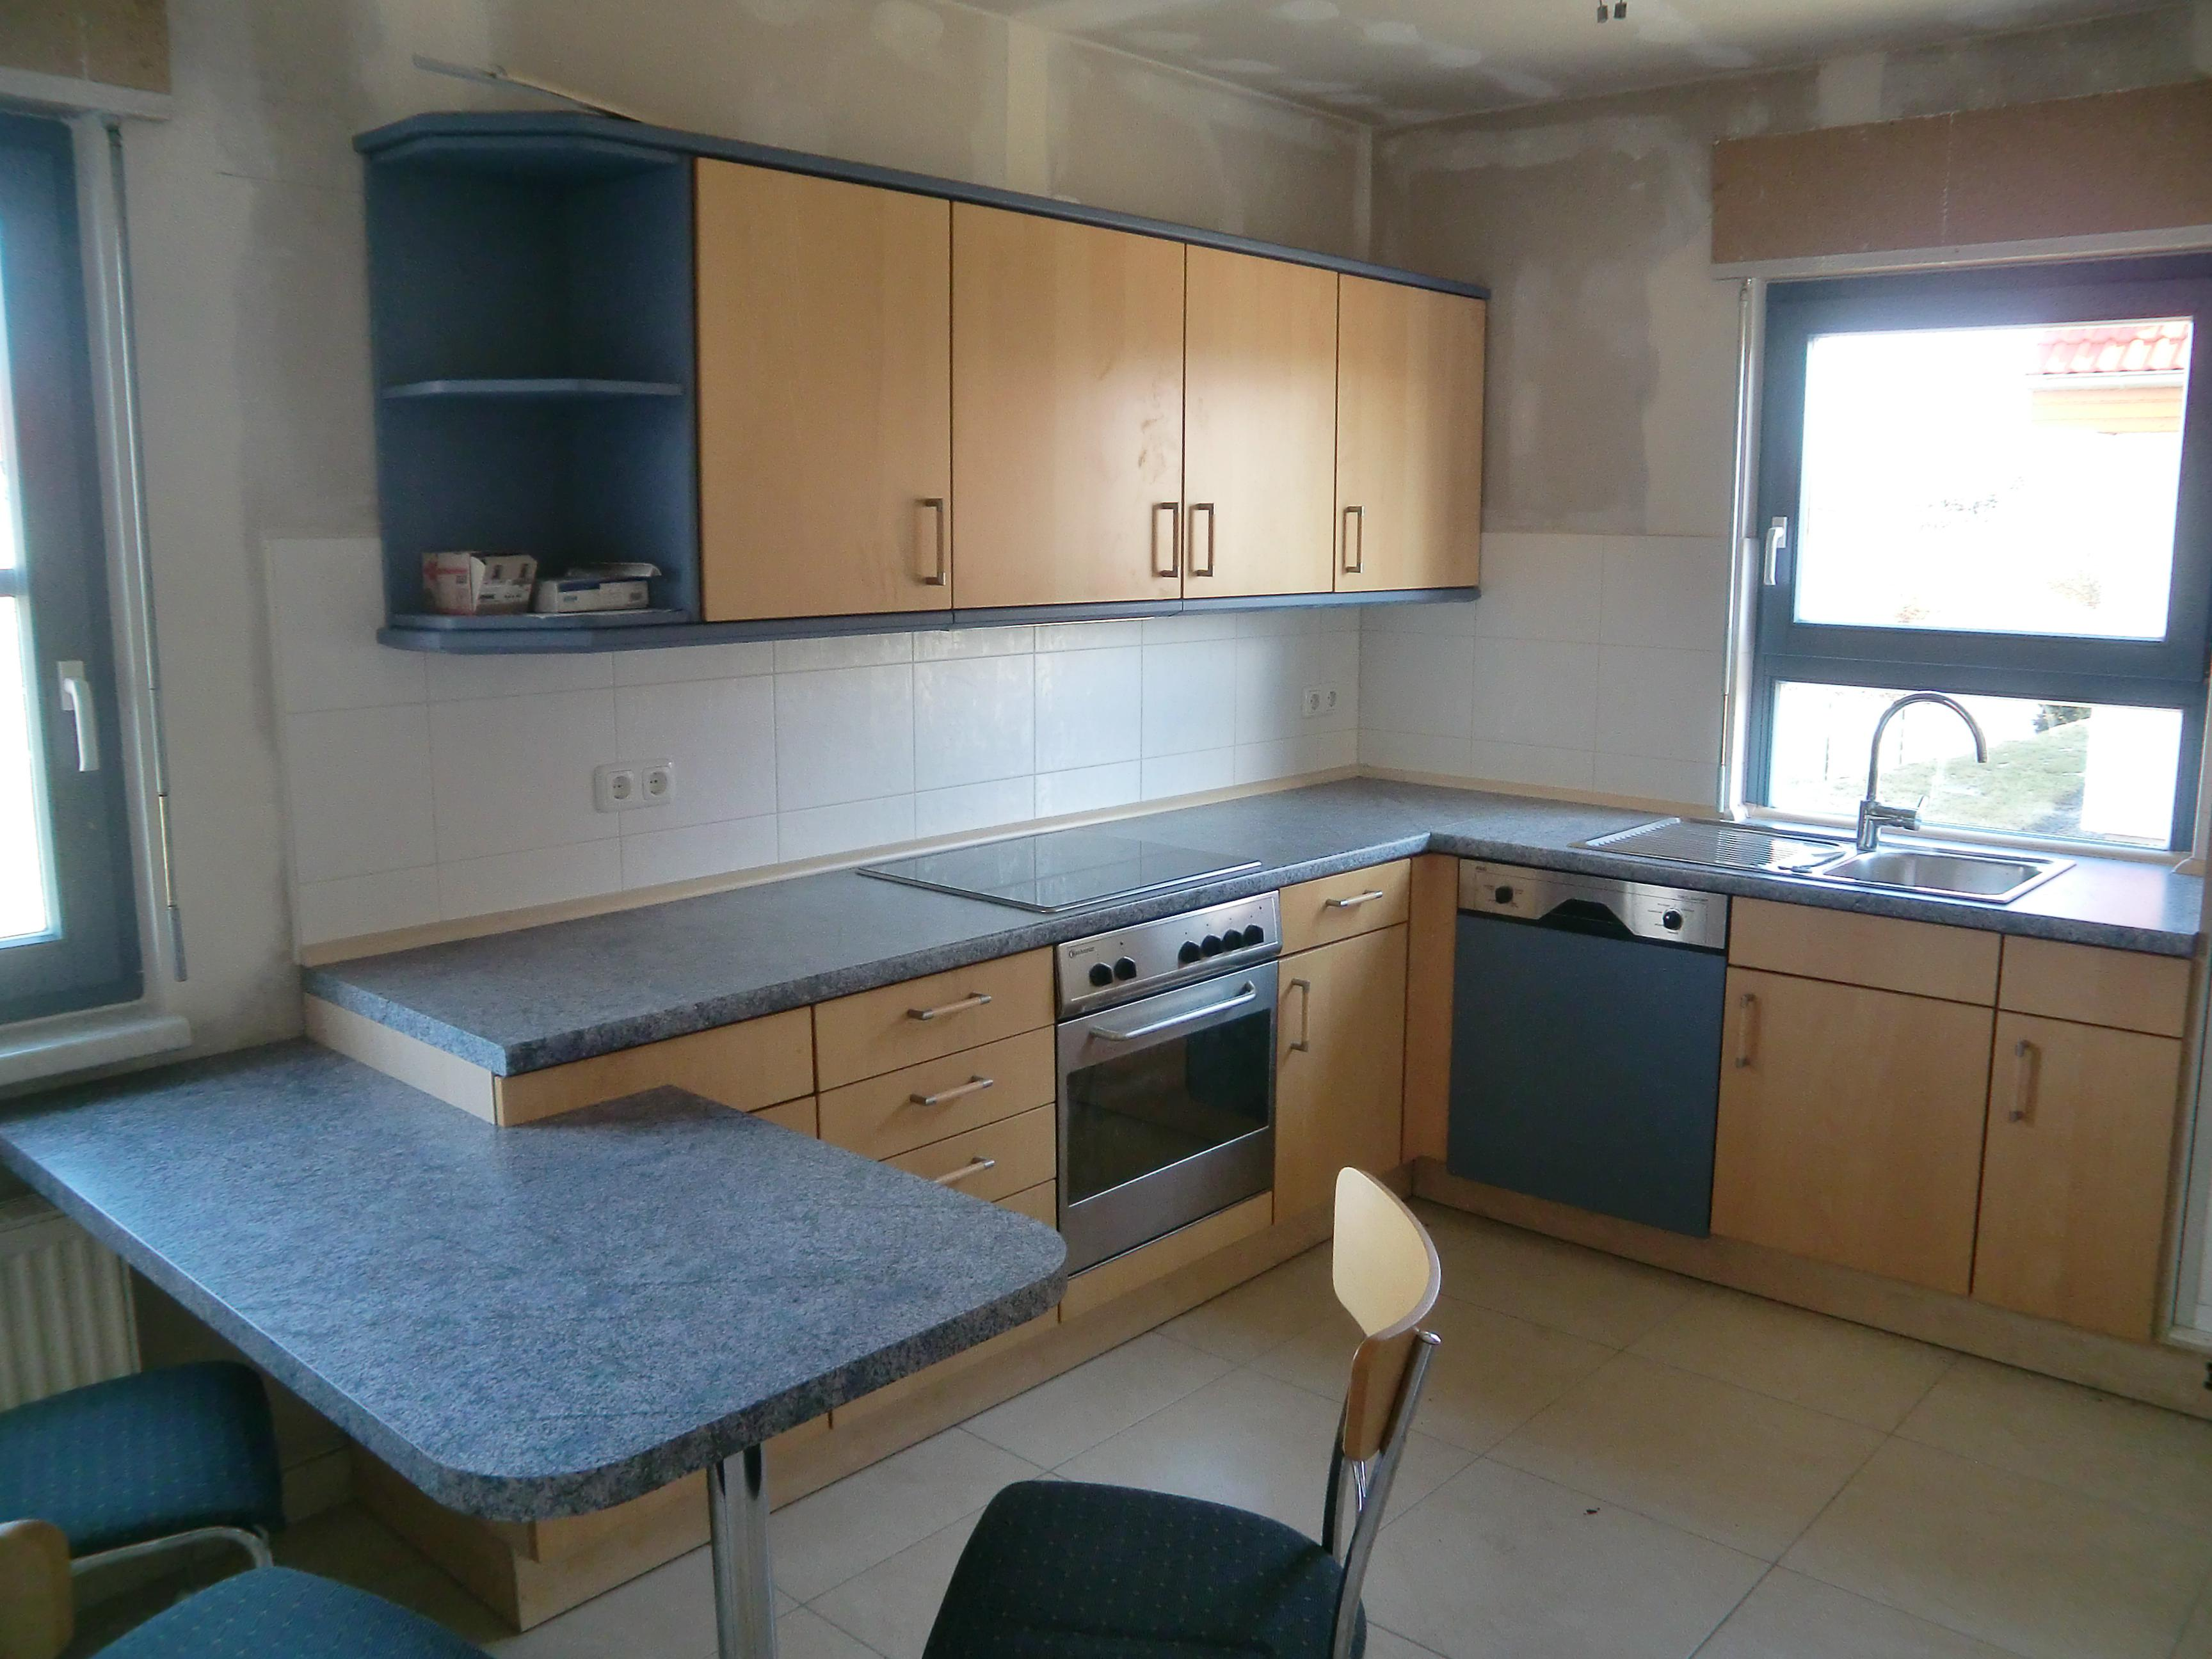 Küche Gebraucht | Bnbnews.co